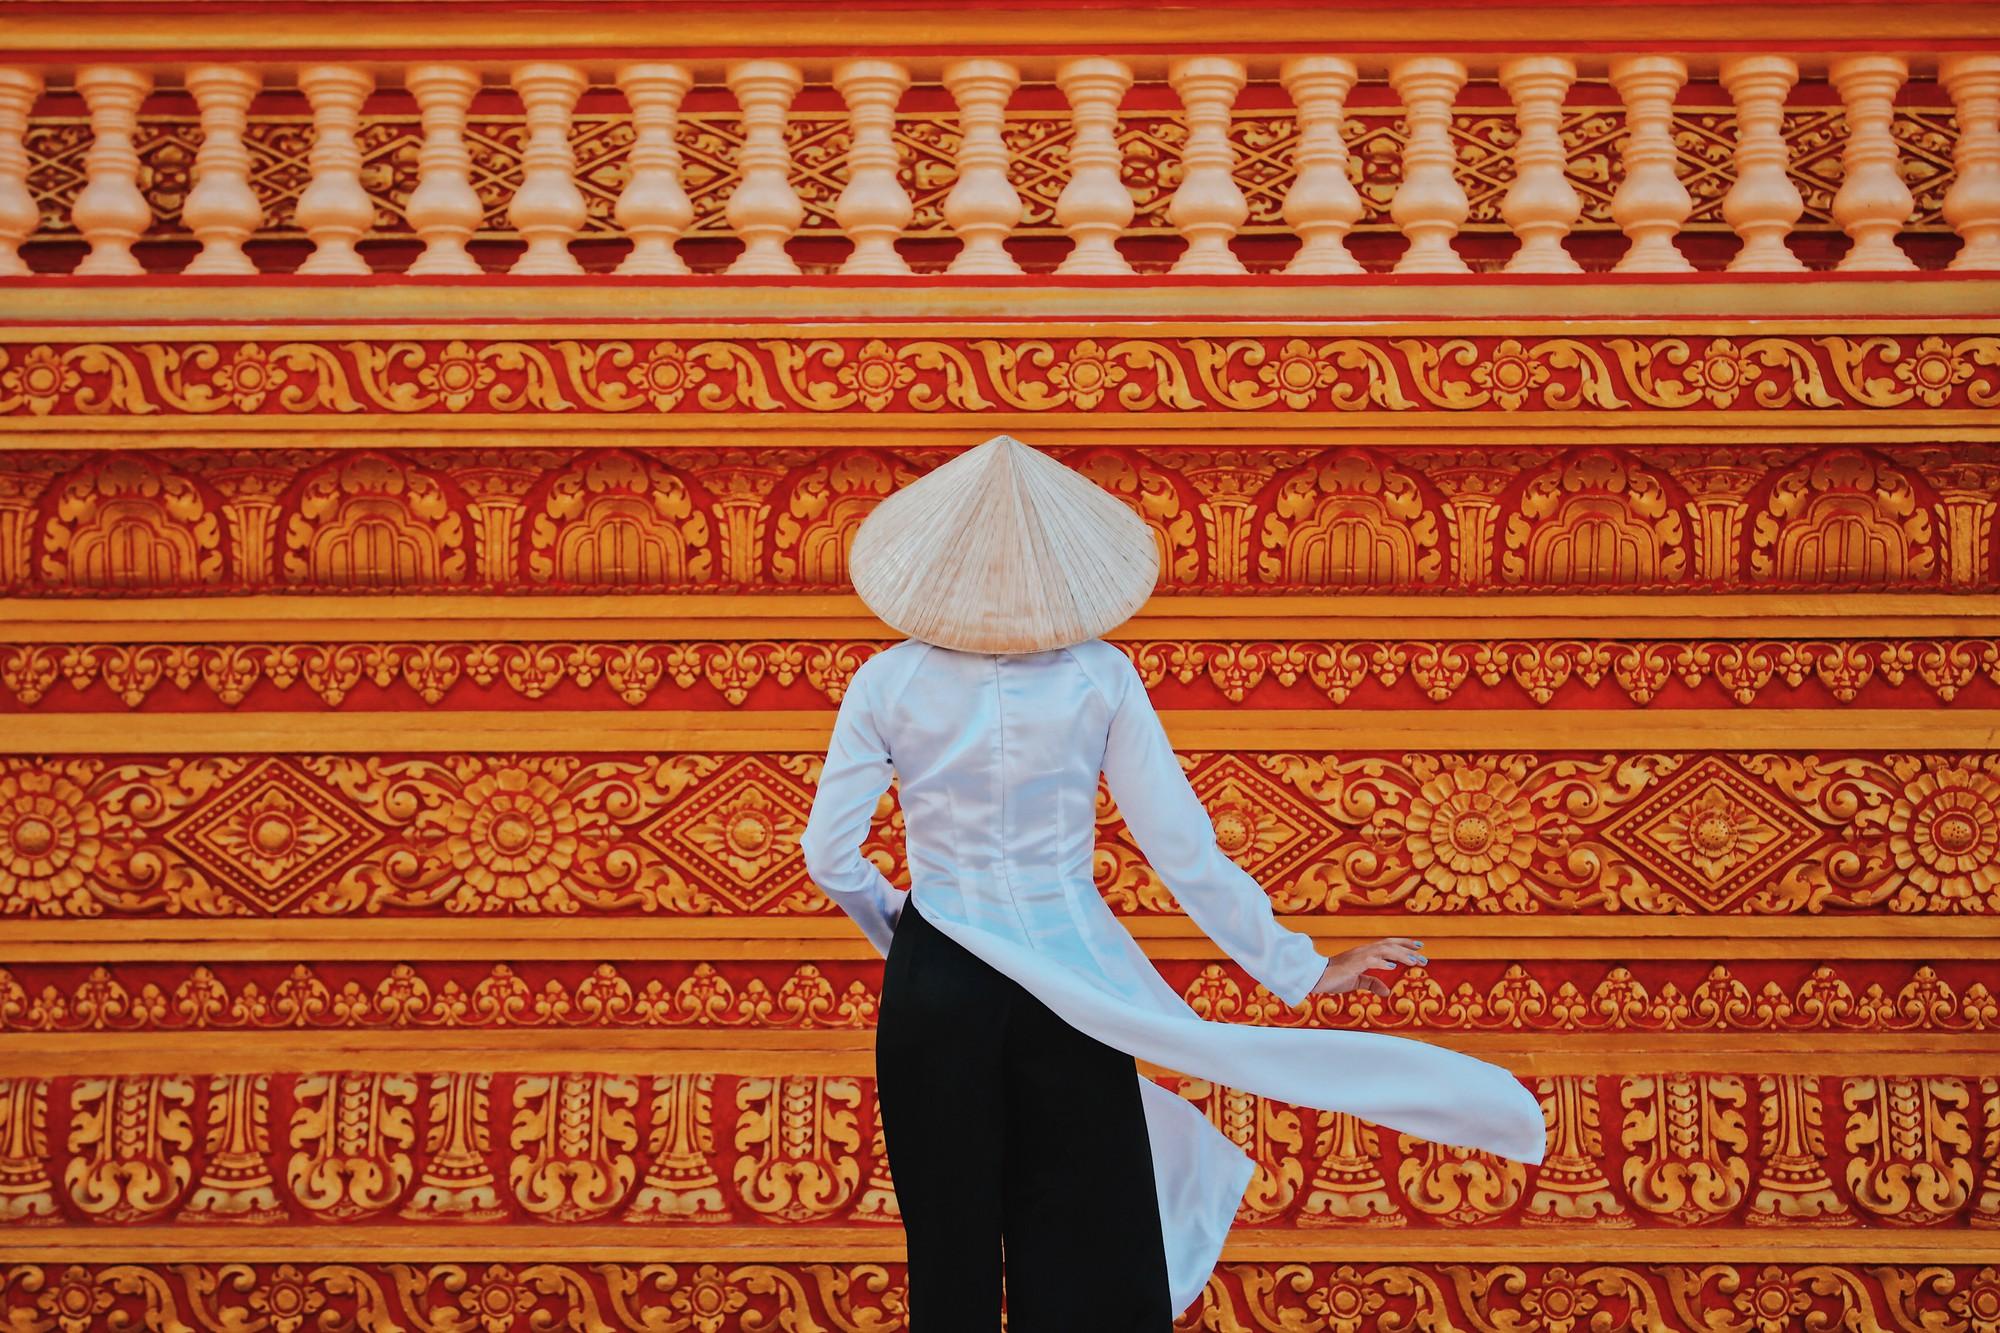 3 ngôi chùa cổ siêu đẹp không phải bạn trẻ nào cũng biết ở Bạc Liêu - Ảnh 4.